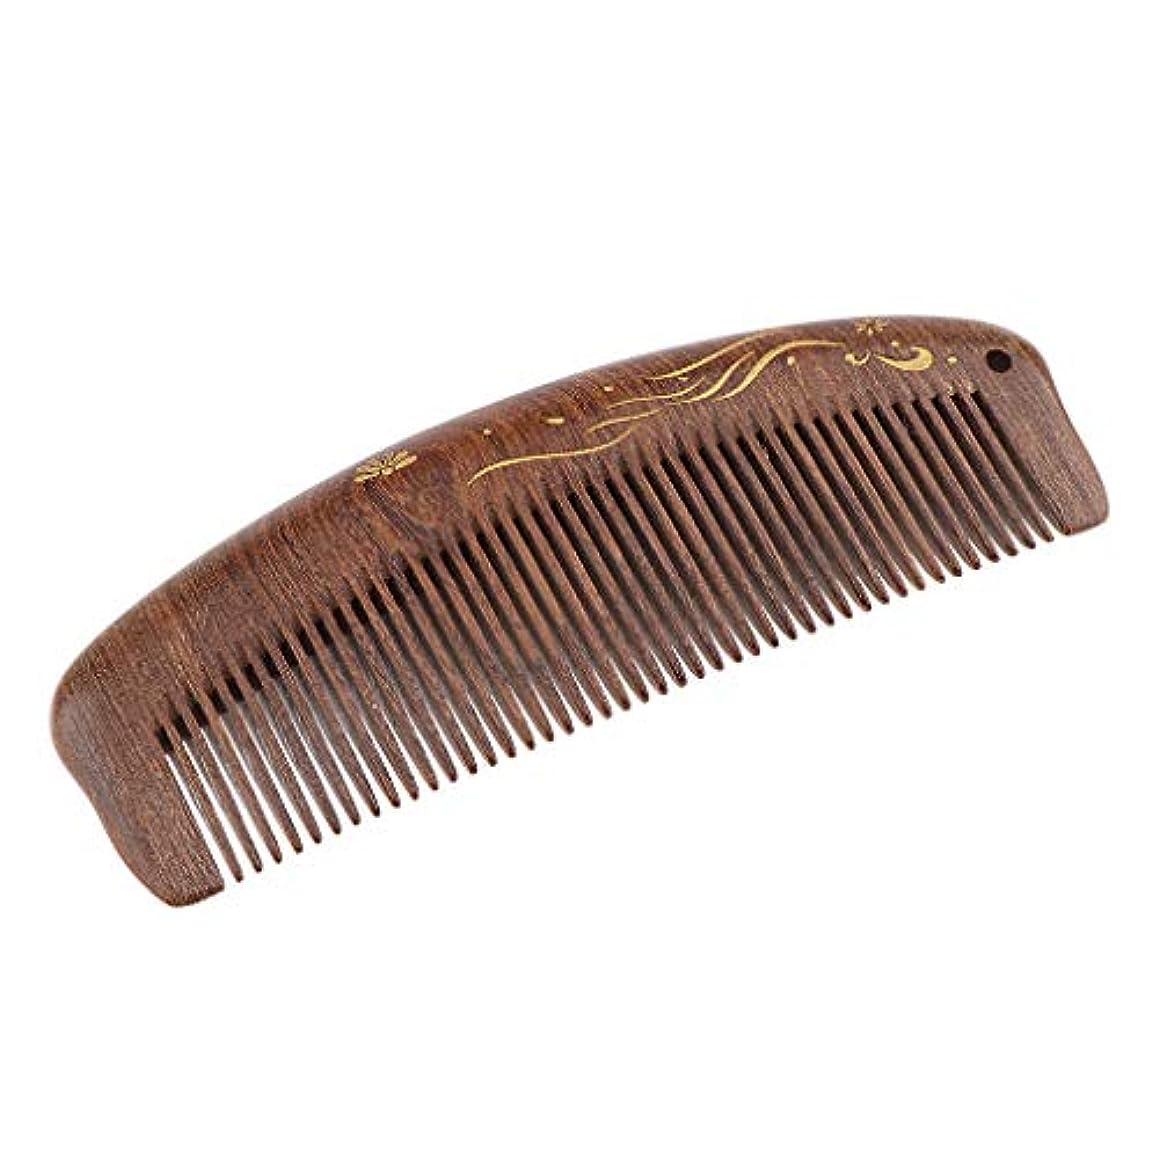 いつスラム街不承認帯電防止櫛 ウッドコーム ヘアサロン ヘアブラシ 3仕様選べ - 細かい歯